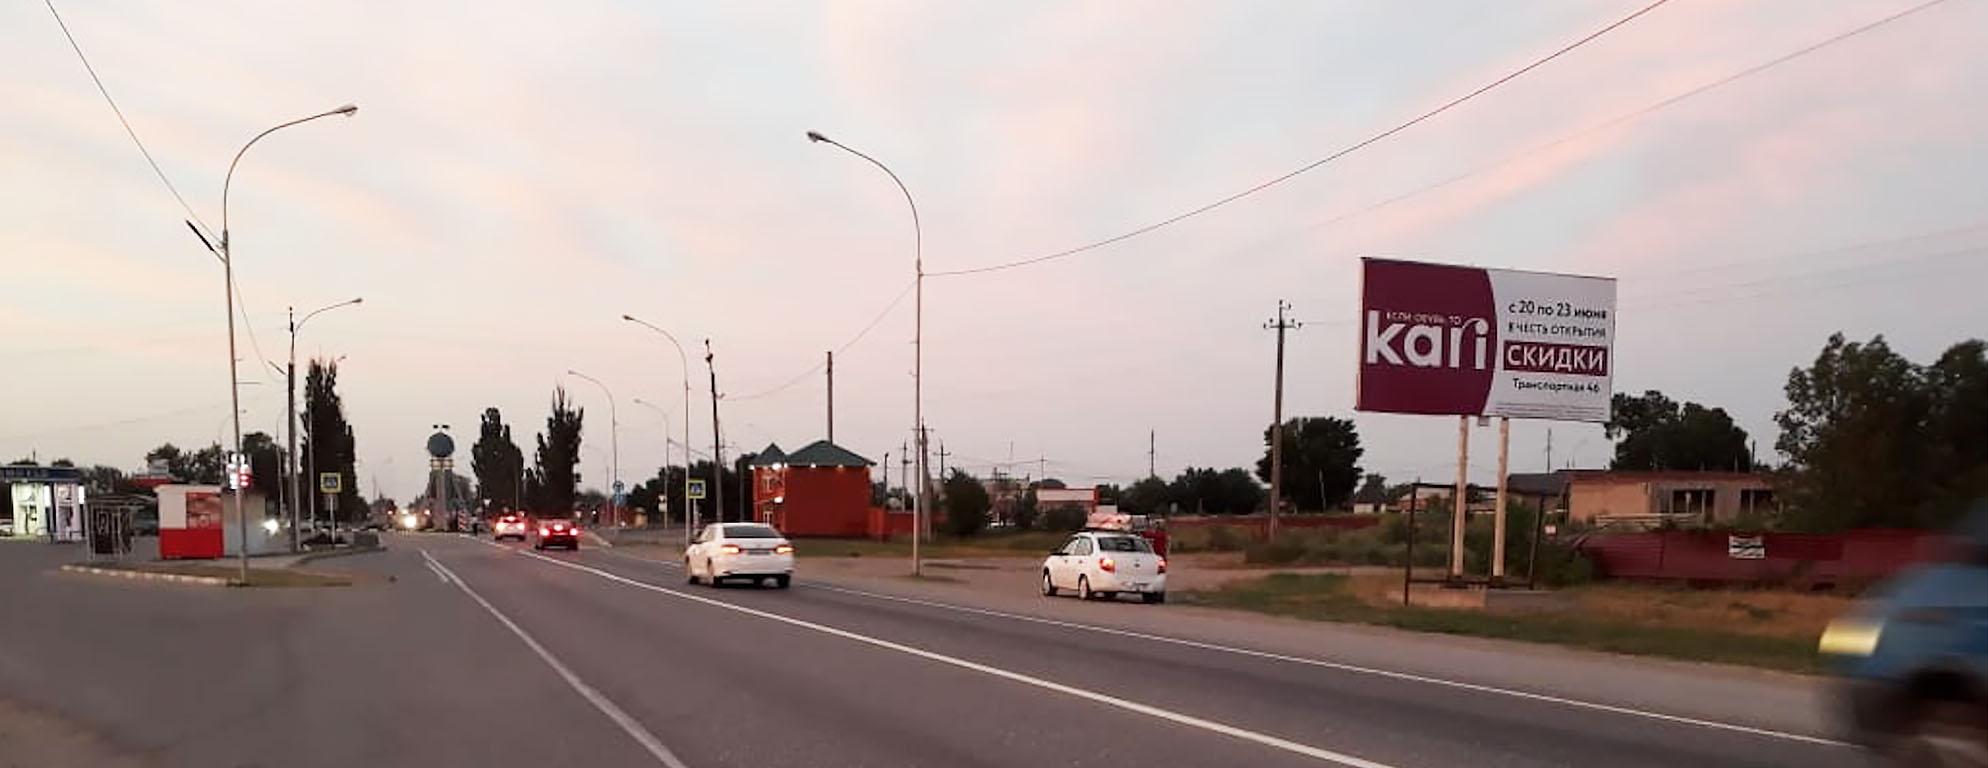 Реклама на билбордах в Гудермесе наружная